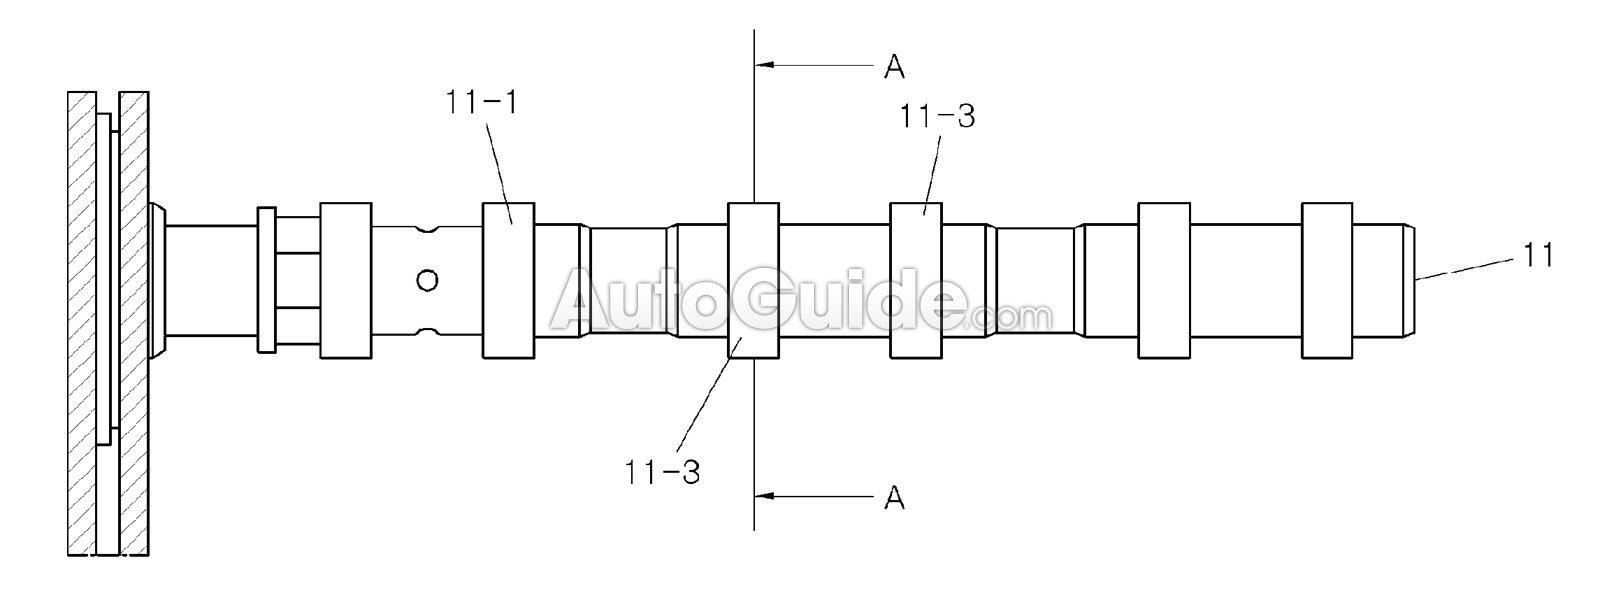 Hyundai_Patent_Engine_02